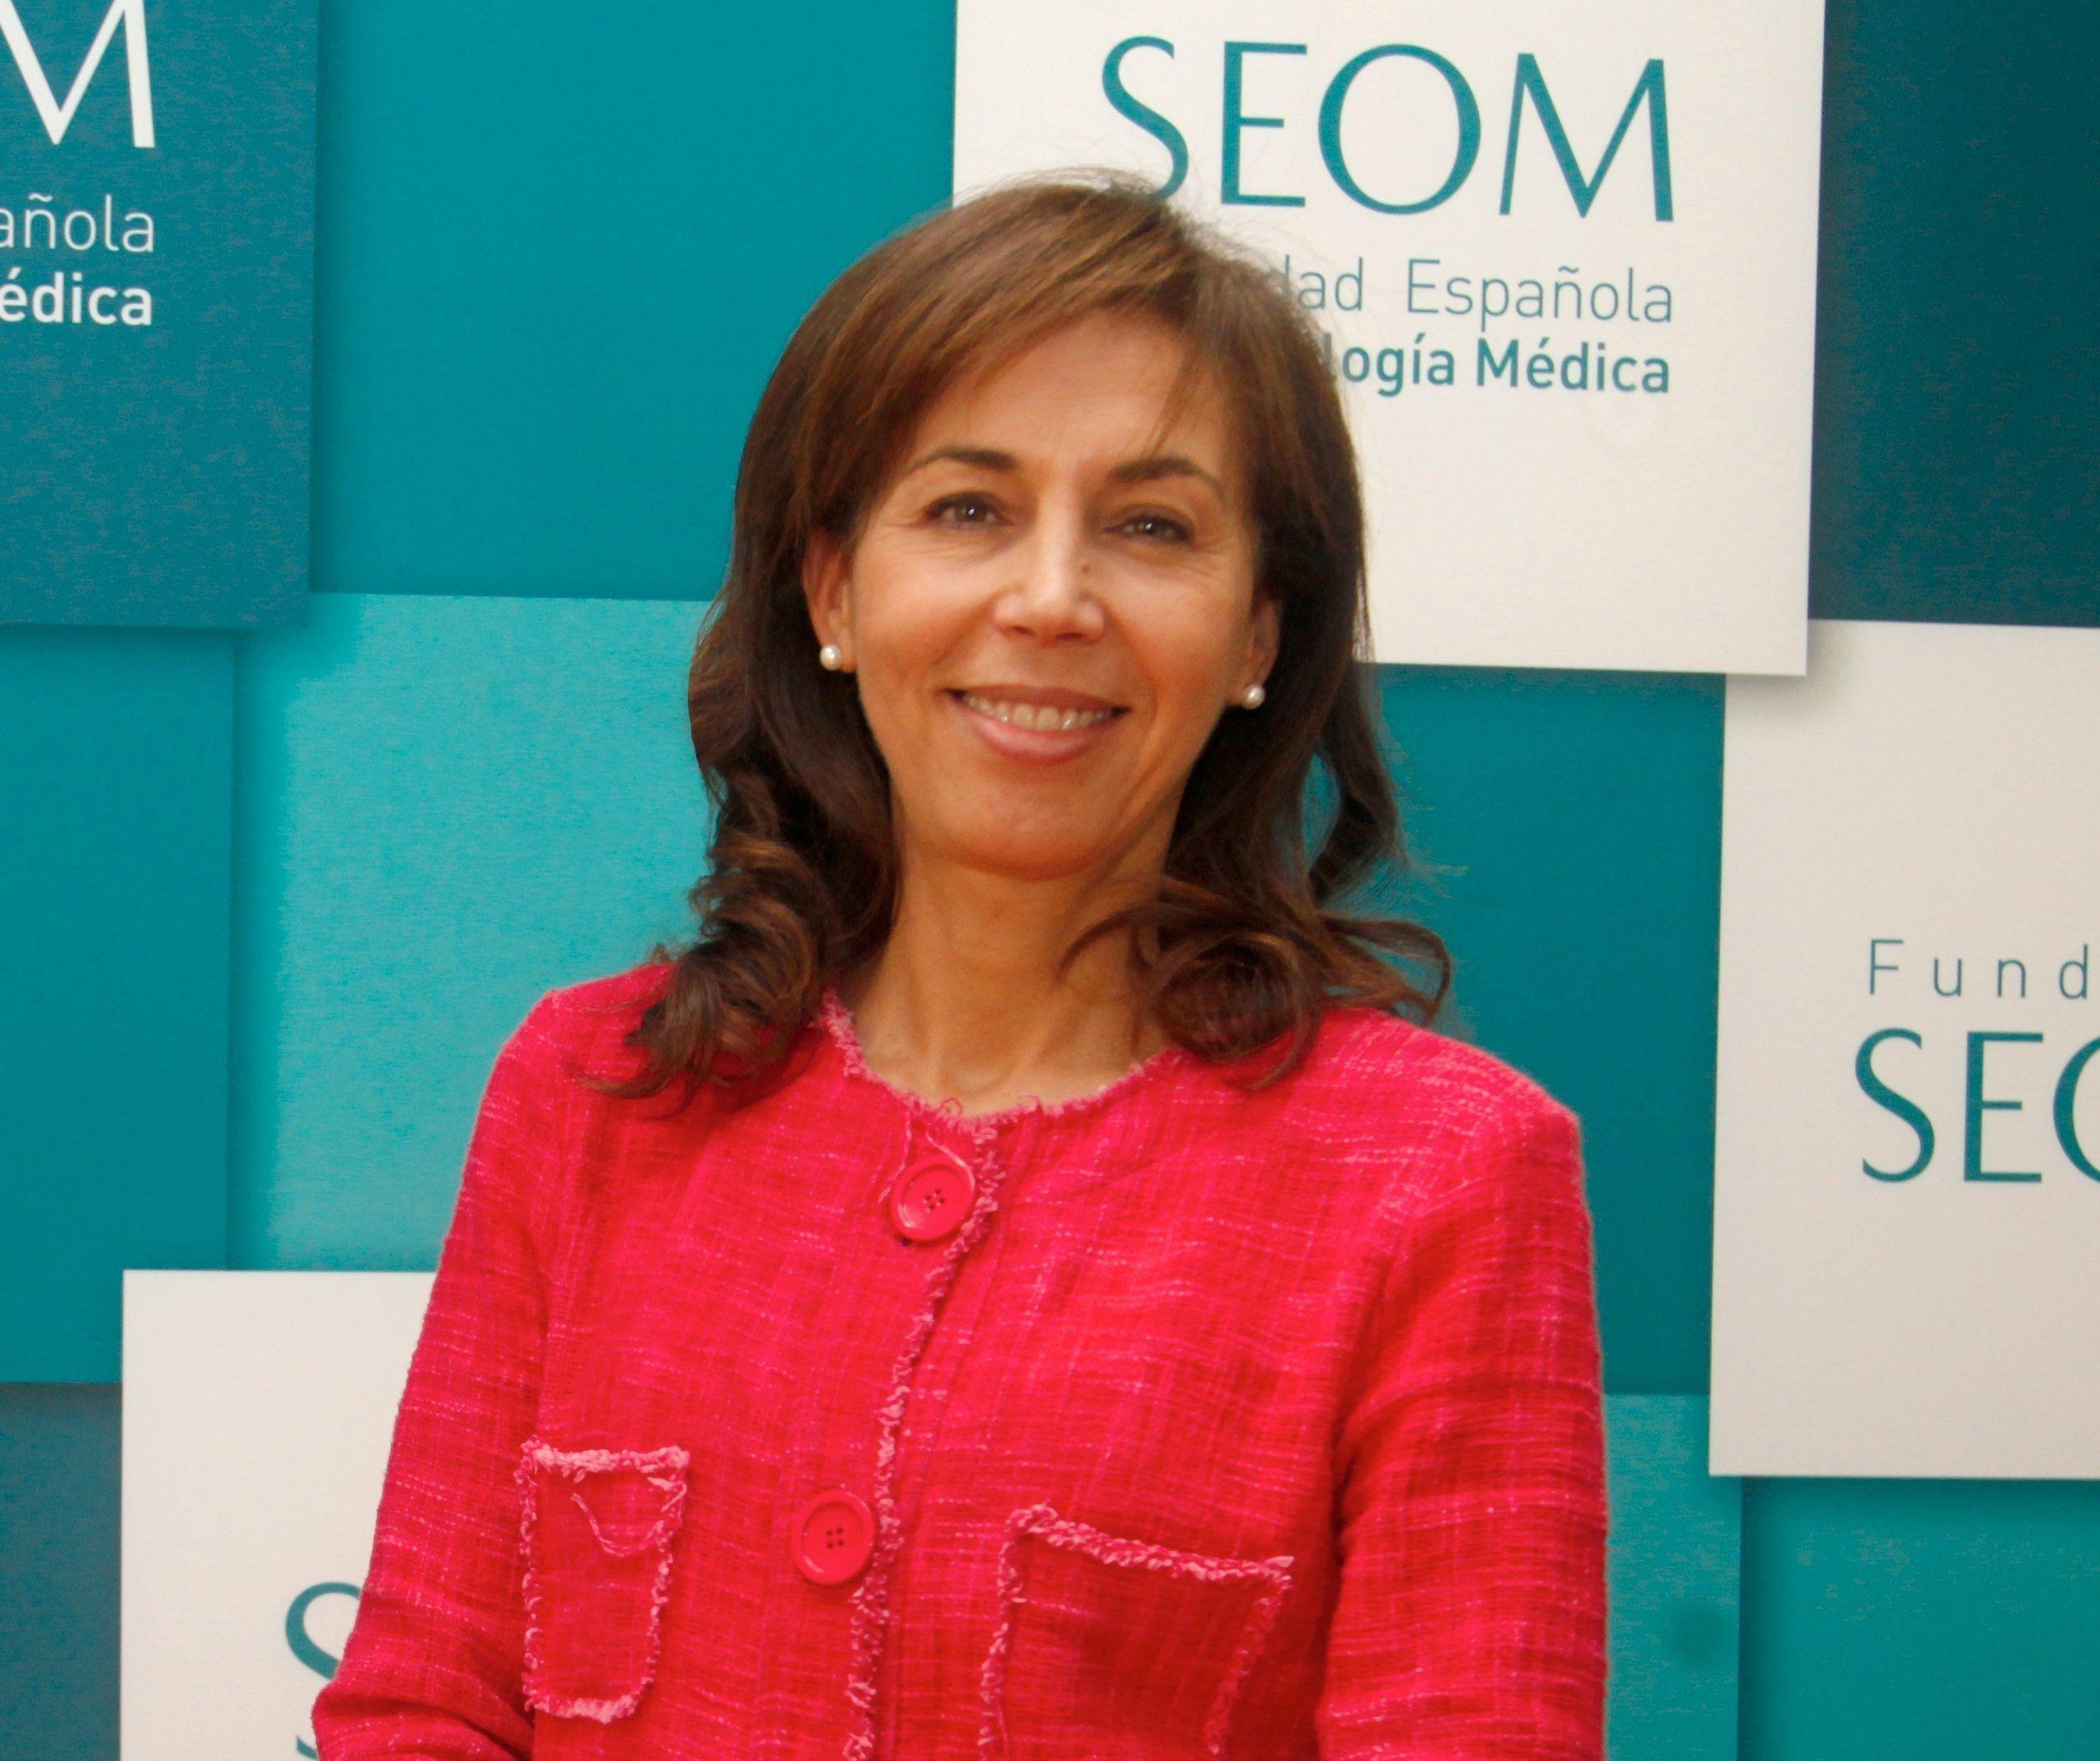 Pilar Garrido. Imagen cortesía de la Sociedad Española de Oncología Médica.